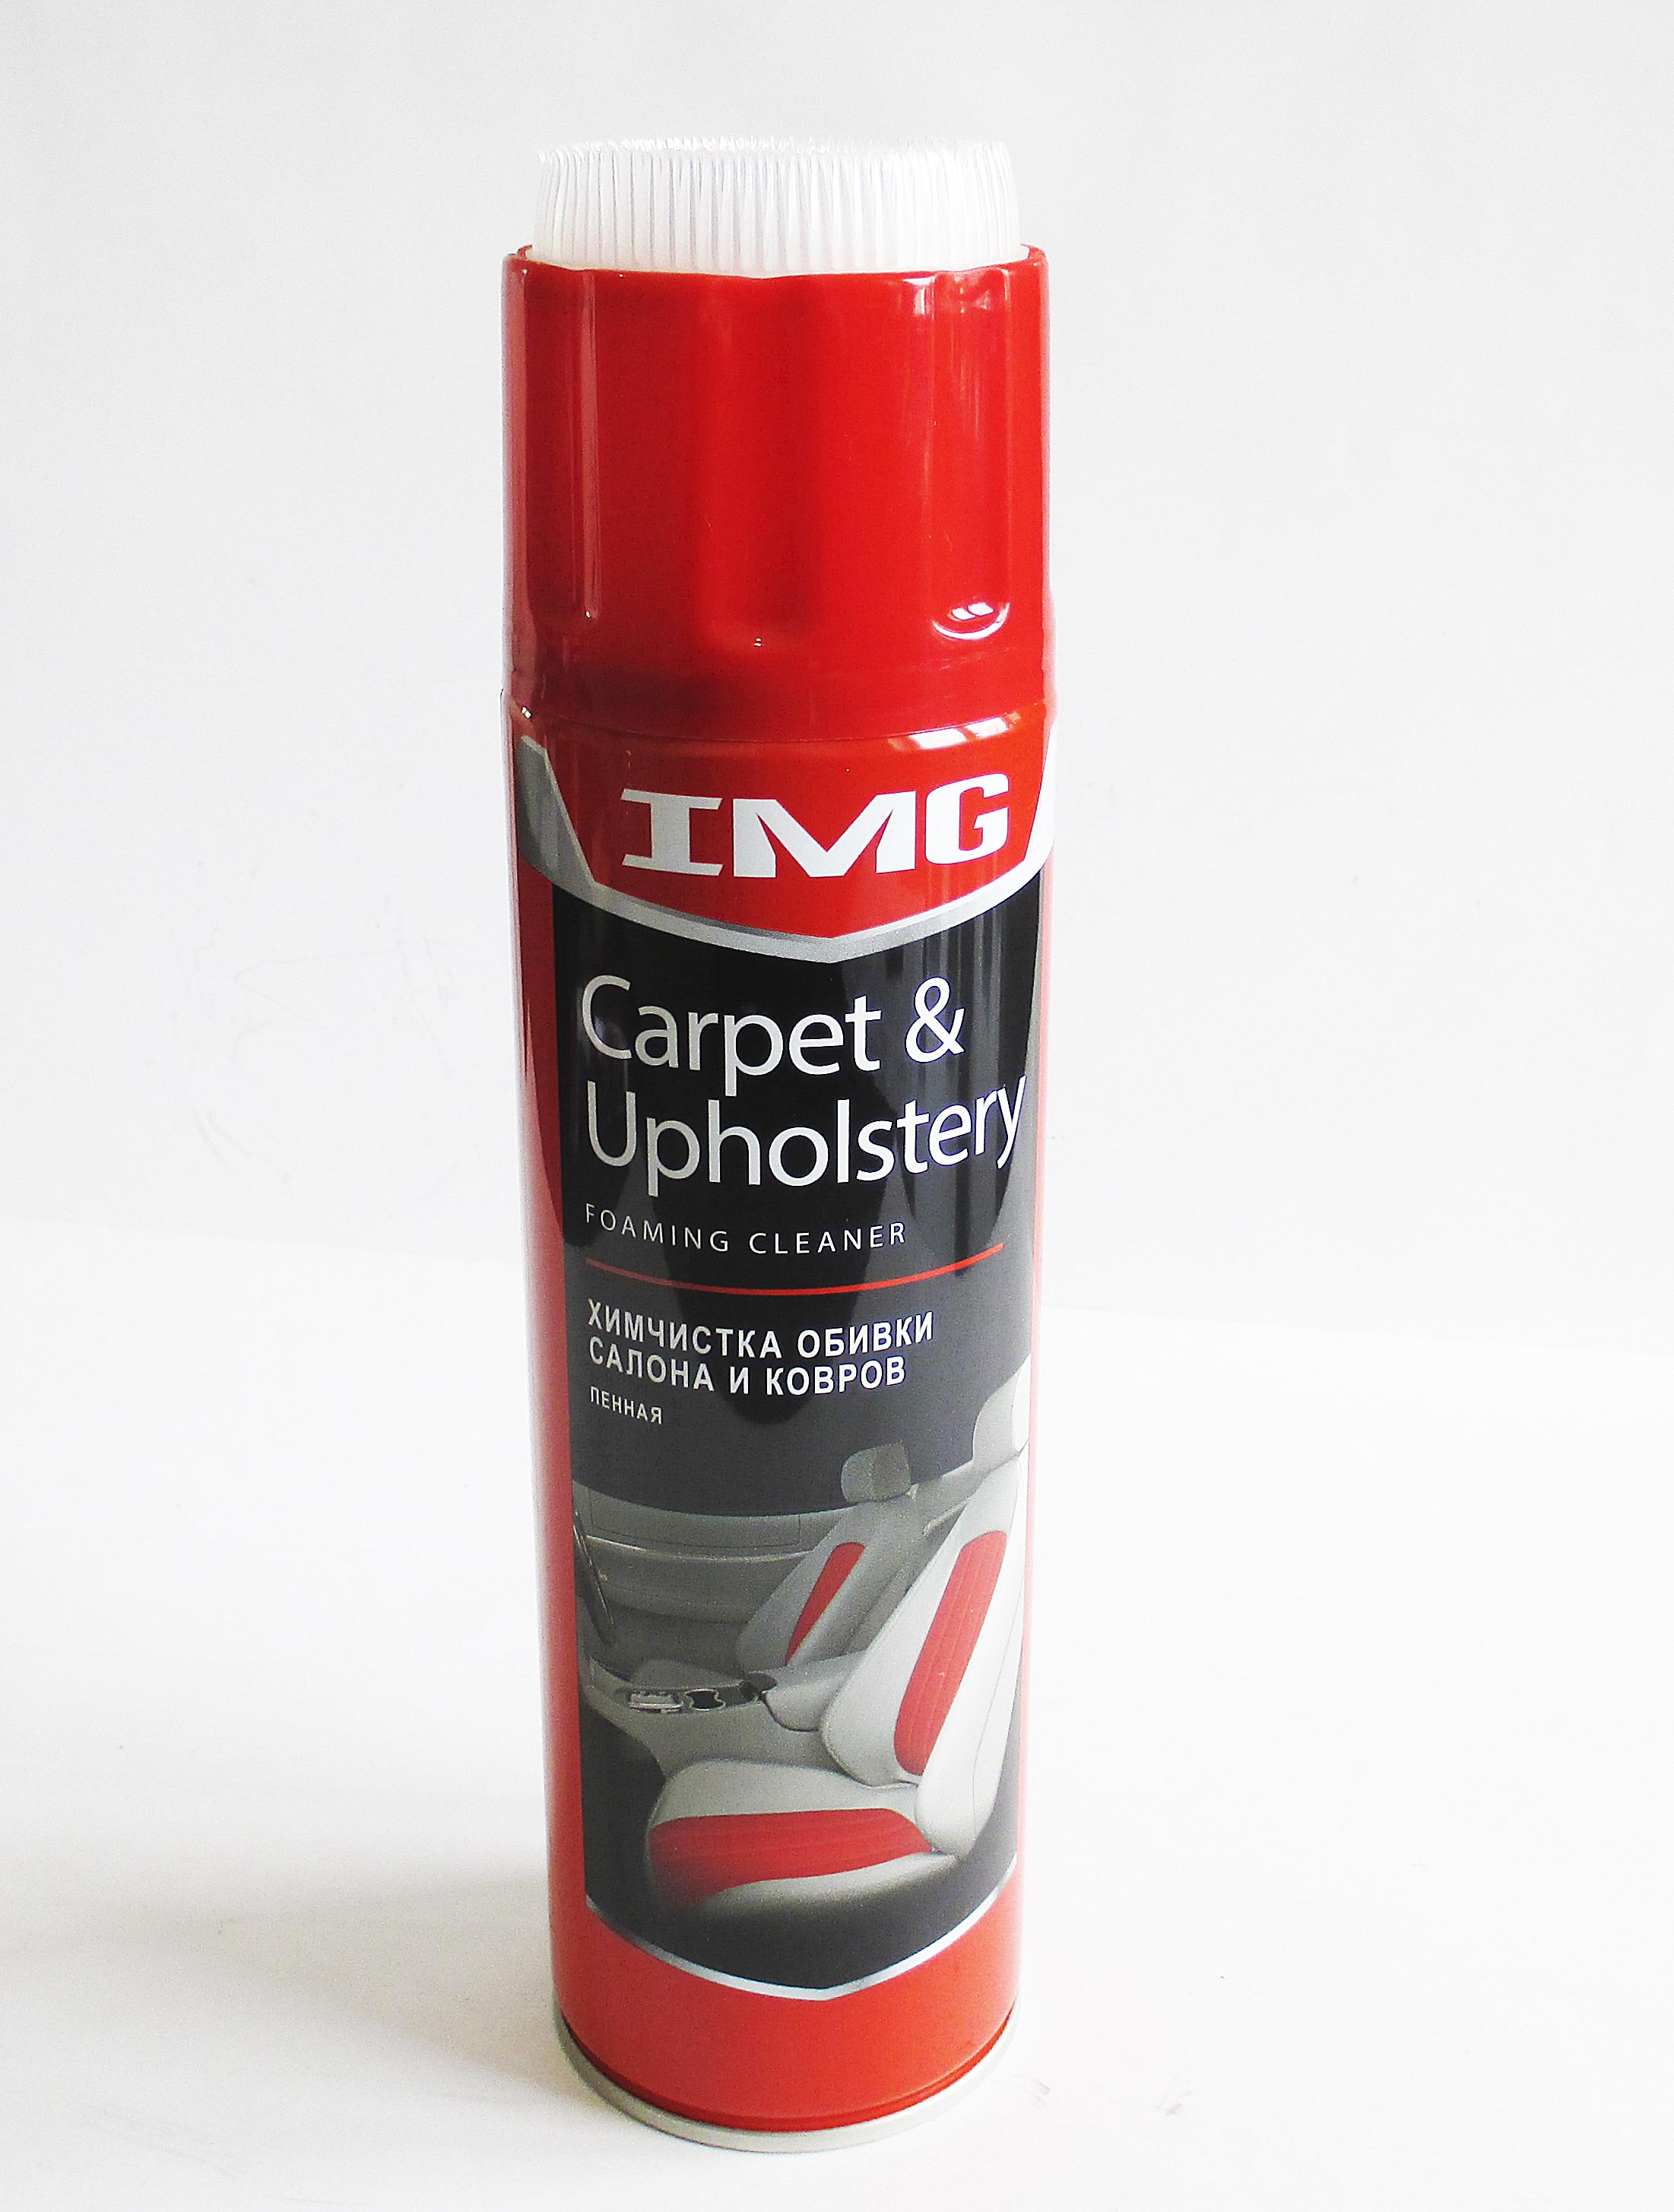 IMG - Очиститель обивки салона и ковров пенная с щеткой 650 мл( аэрозоль) СУХАЯ ХИМЧИСТКА (MG204)